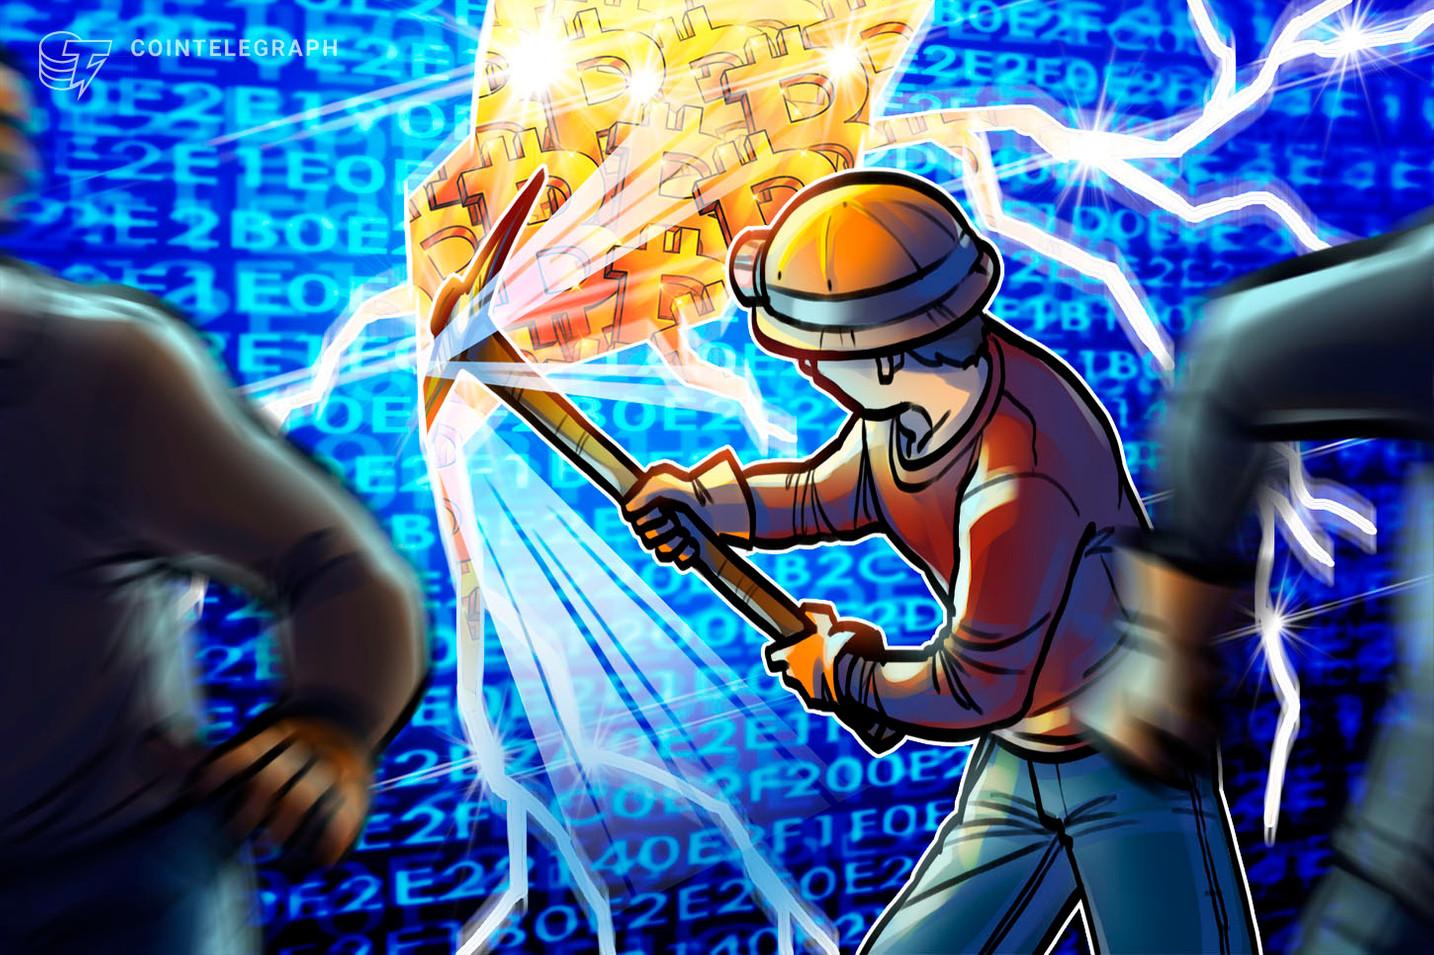 Difficoltà di mining di Bitcoin raggiunge massimo storico di 17.300 miliardi